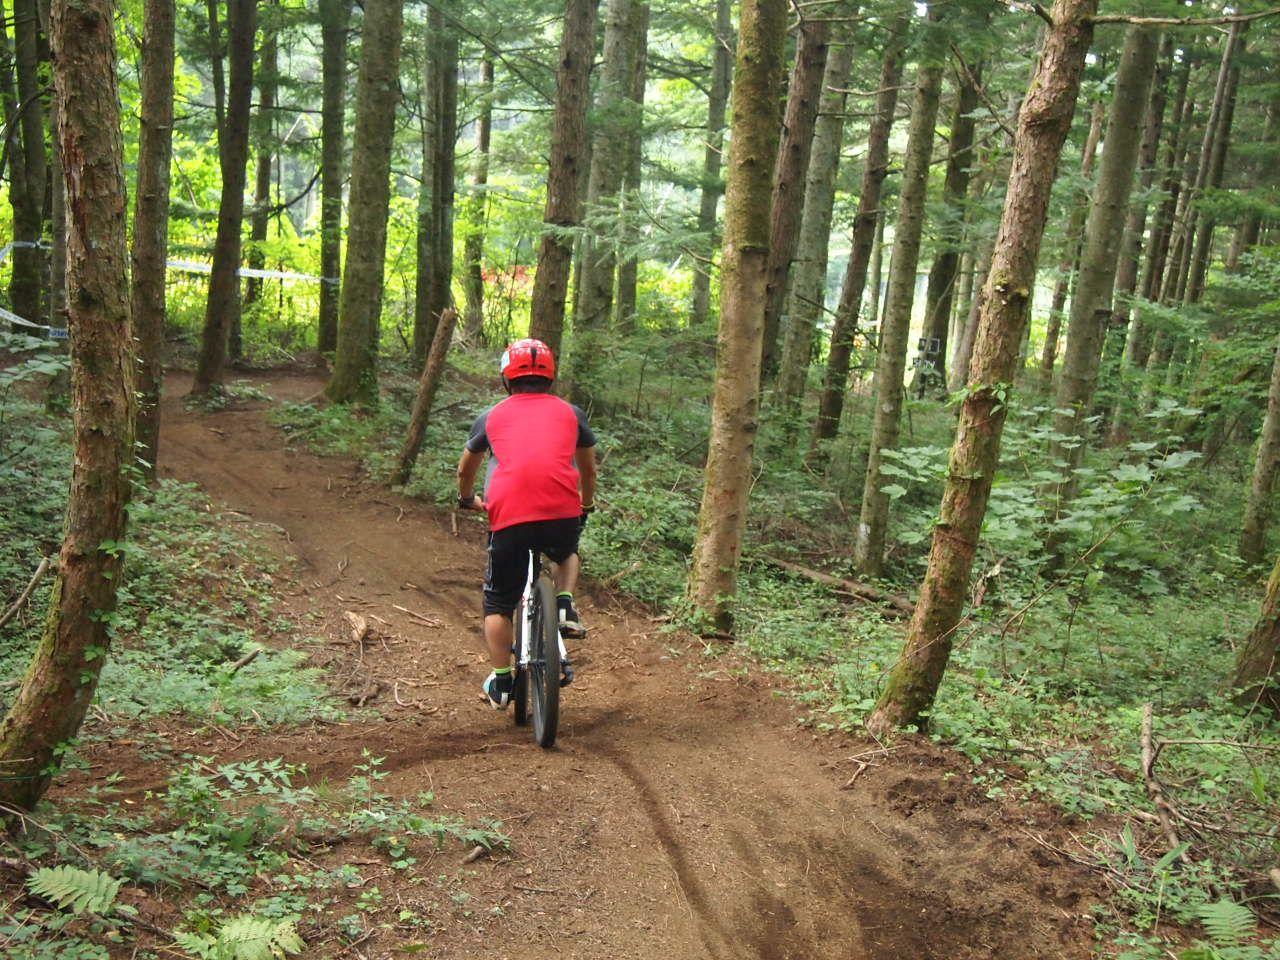 11月3日まで!!自然いっぱいのスキー場でマウンテンバイク専用コースを体験!!〜山梨県「ふじてん」